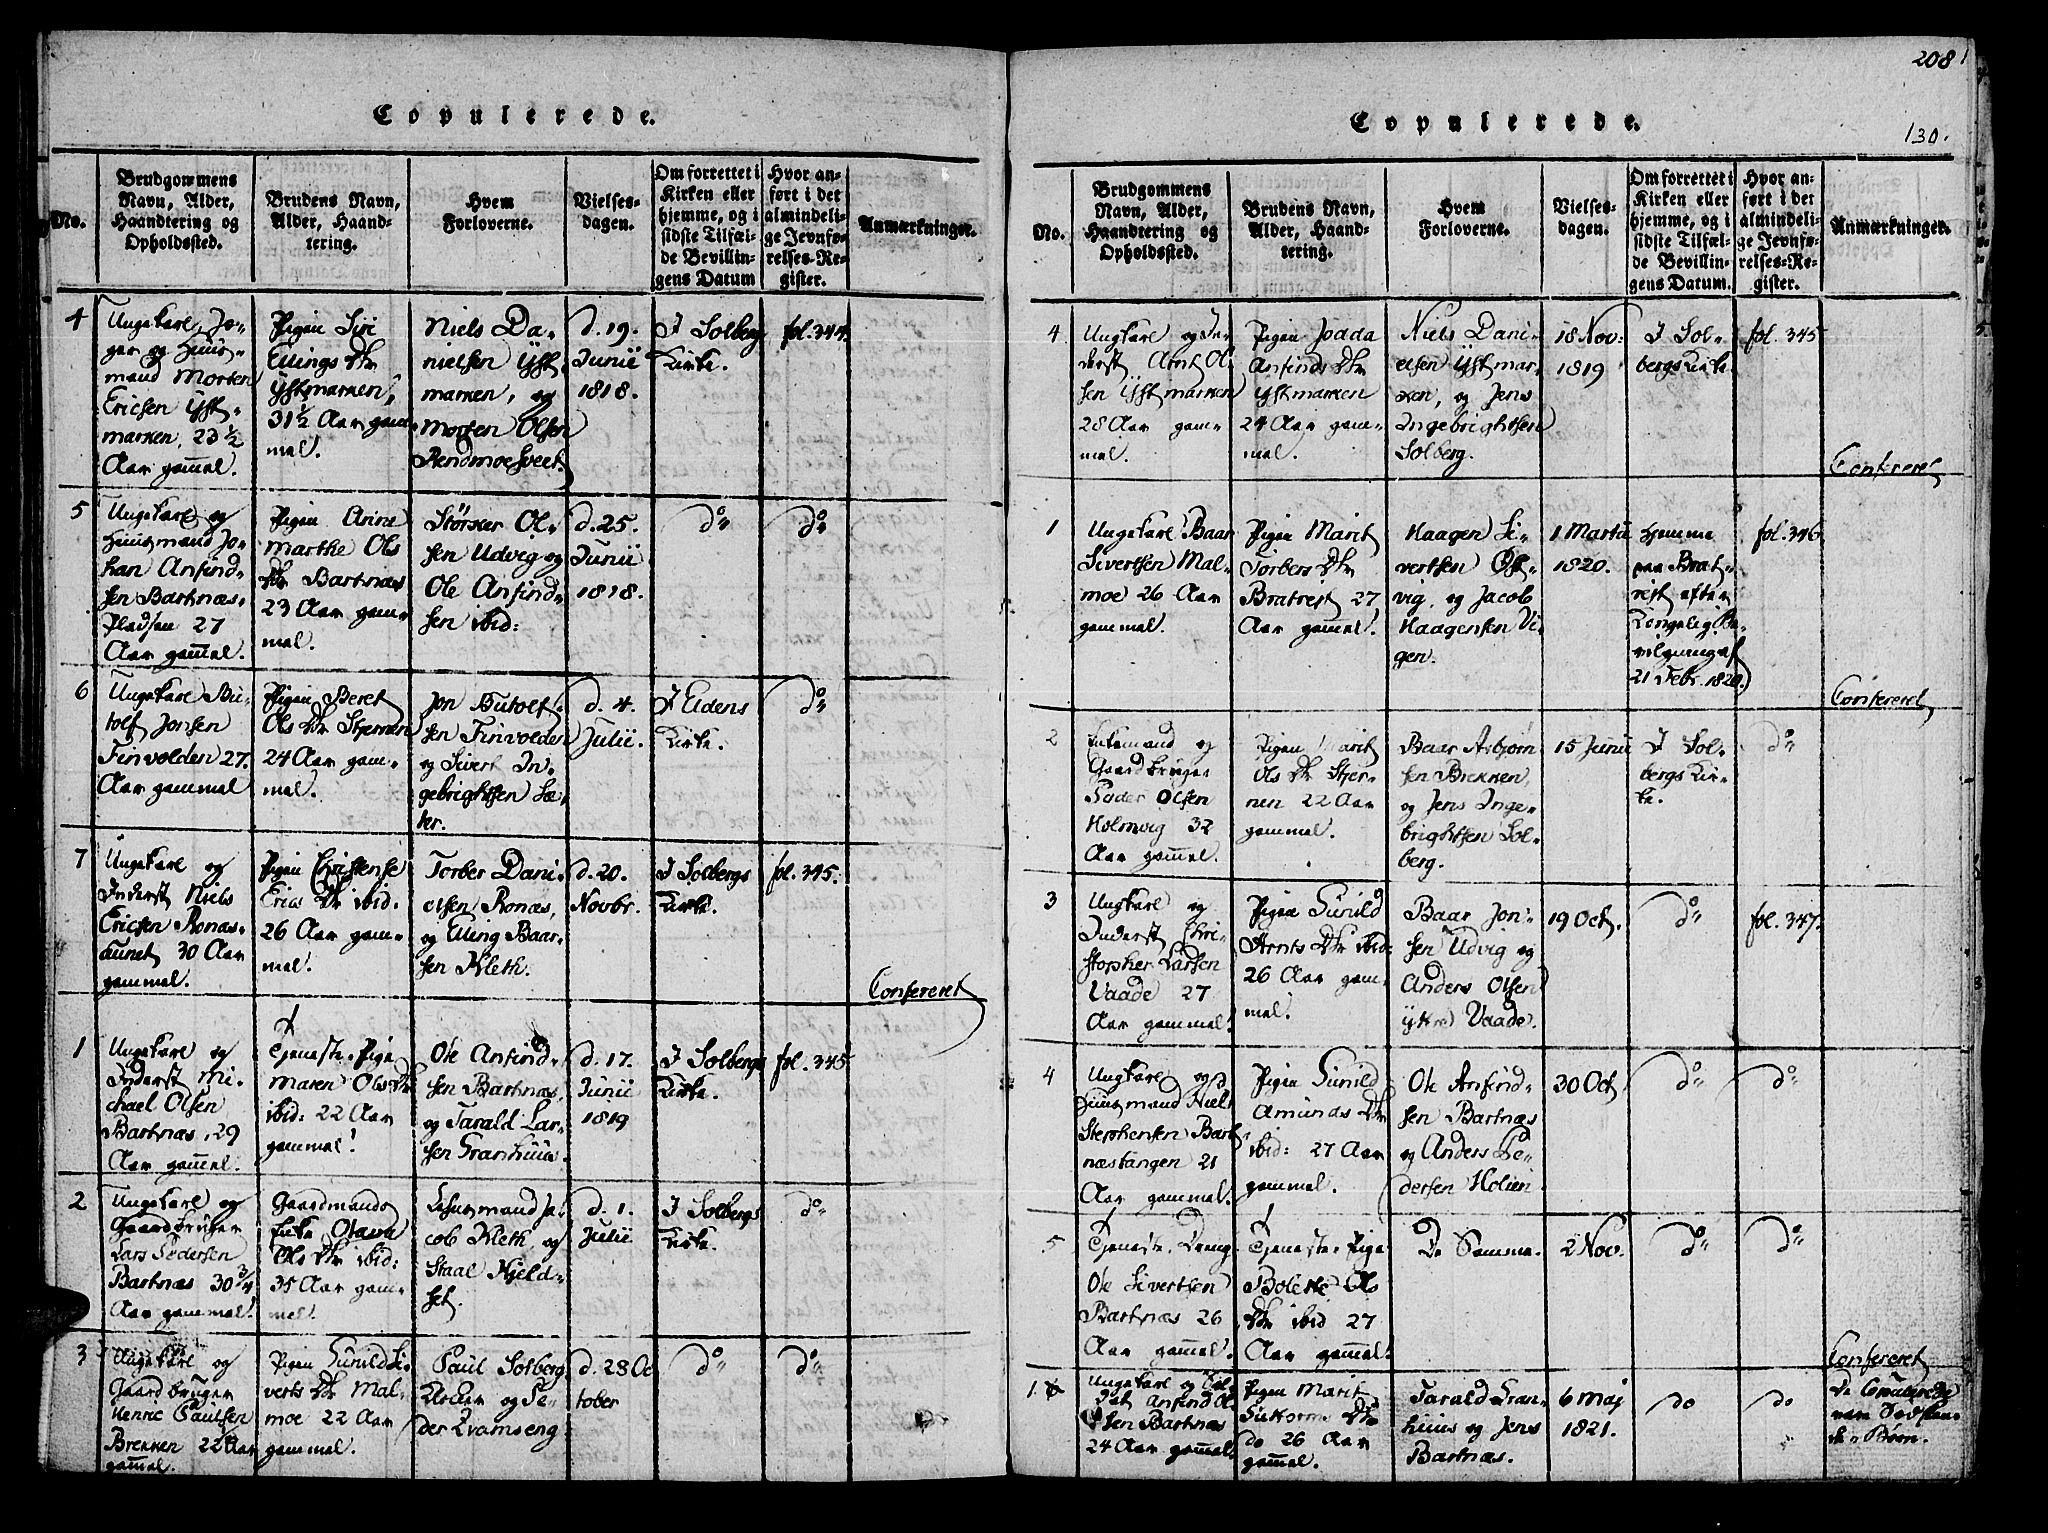 SAT, Ministerialprotokoller, klokkerbøker og fødselsregistre - Nord-Trøndelag, 741/L0387: Ministerialbok nr. 741A03 /2, 1817-1822, s. 130